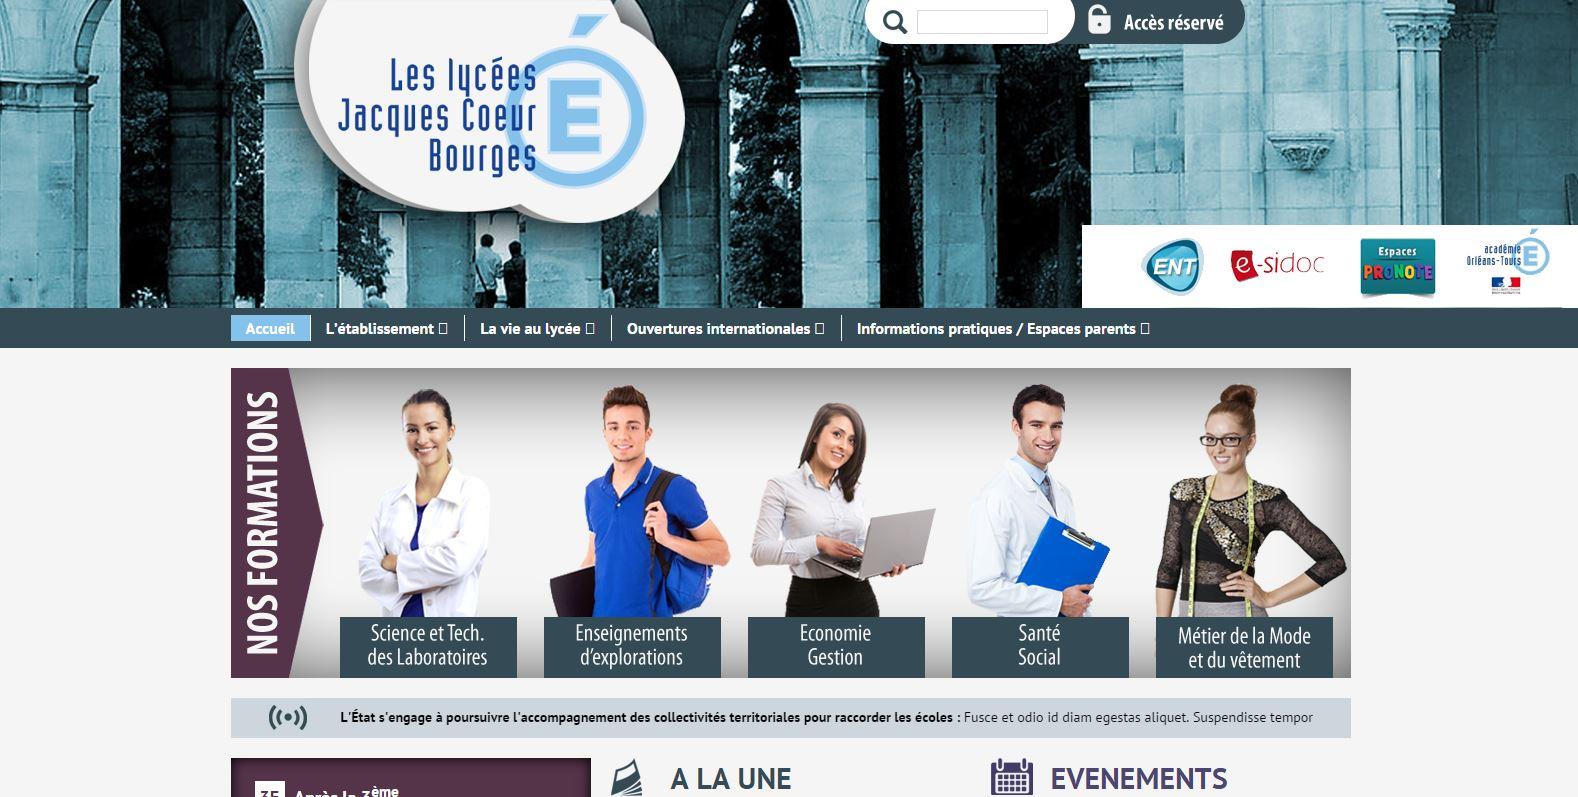 Lycées Jacques Coeur - Lycée général et technologique - Bourges - OFF LINE : PROJET EN COURS